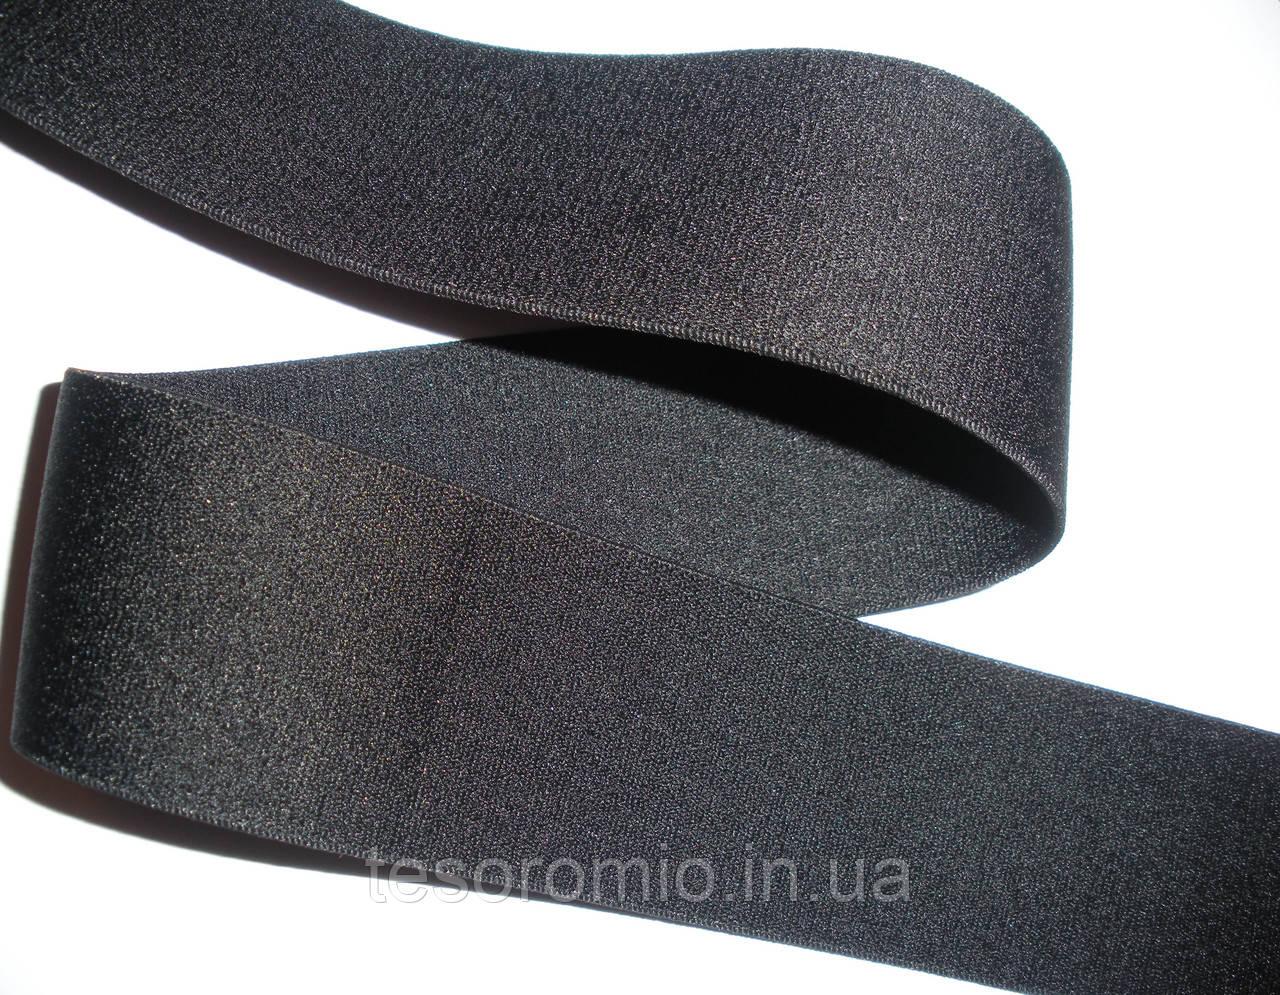 Резинка черная, гладкая, тугая, 4см